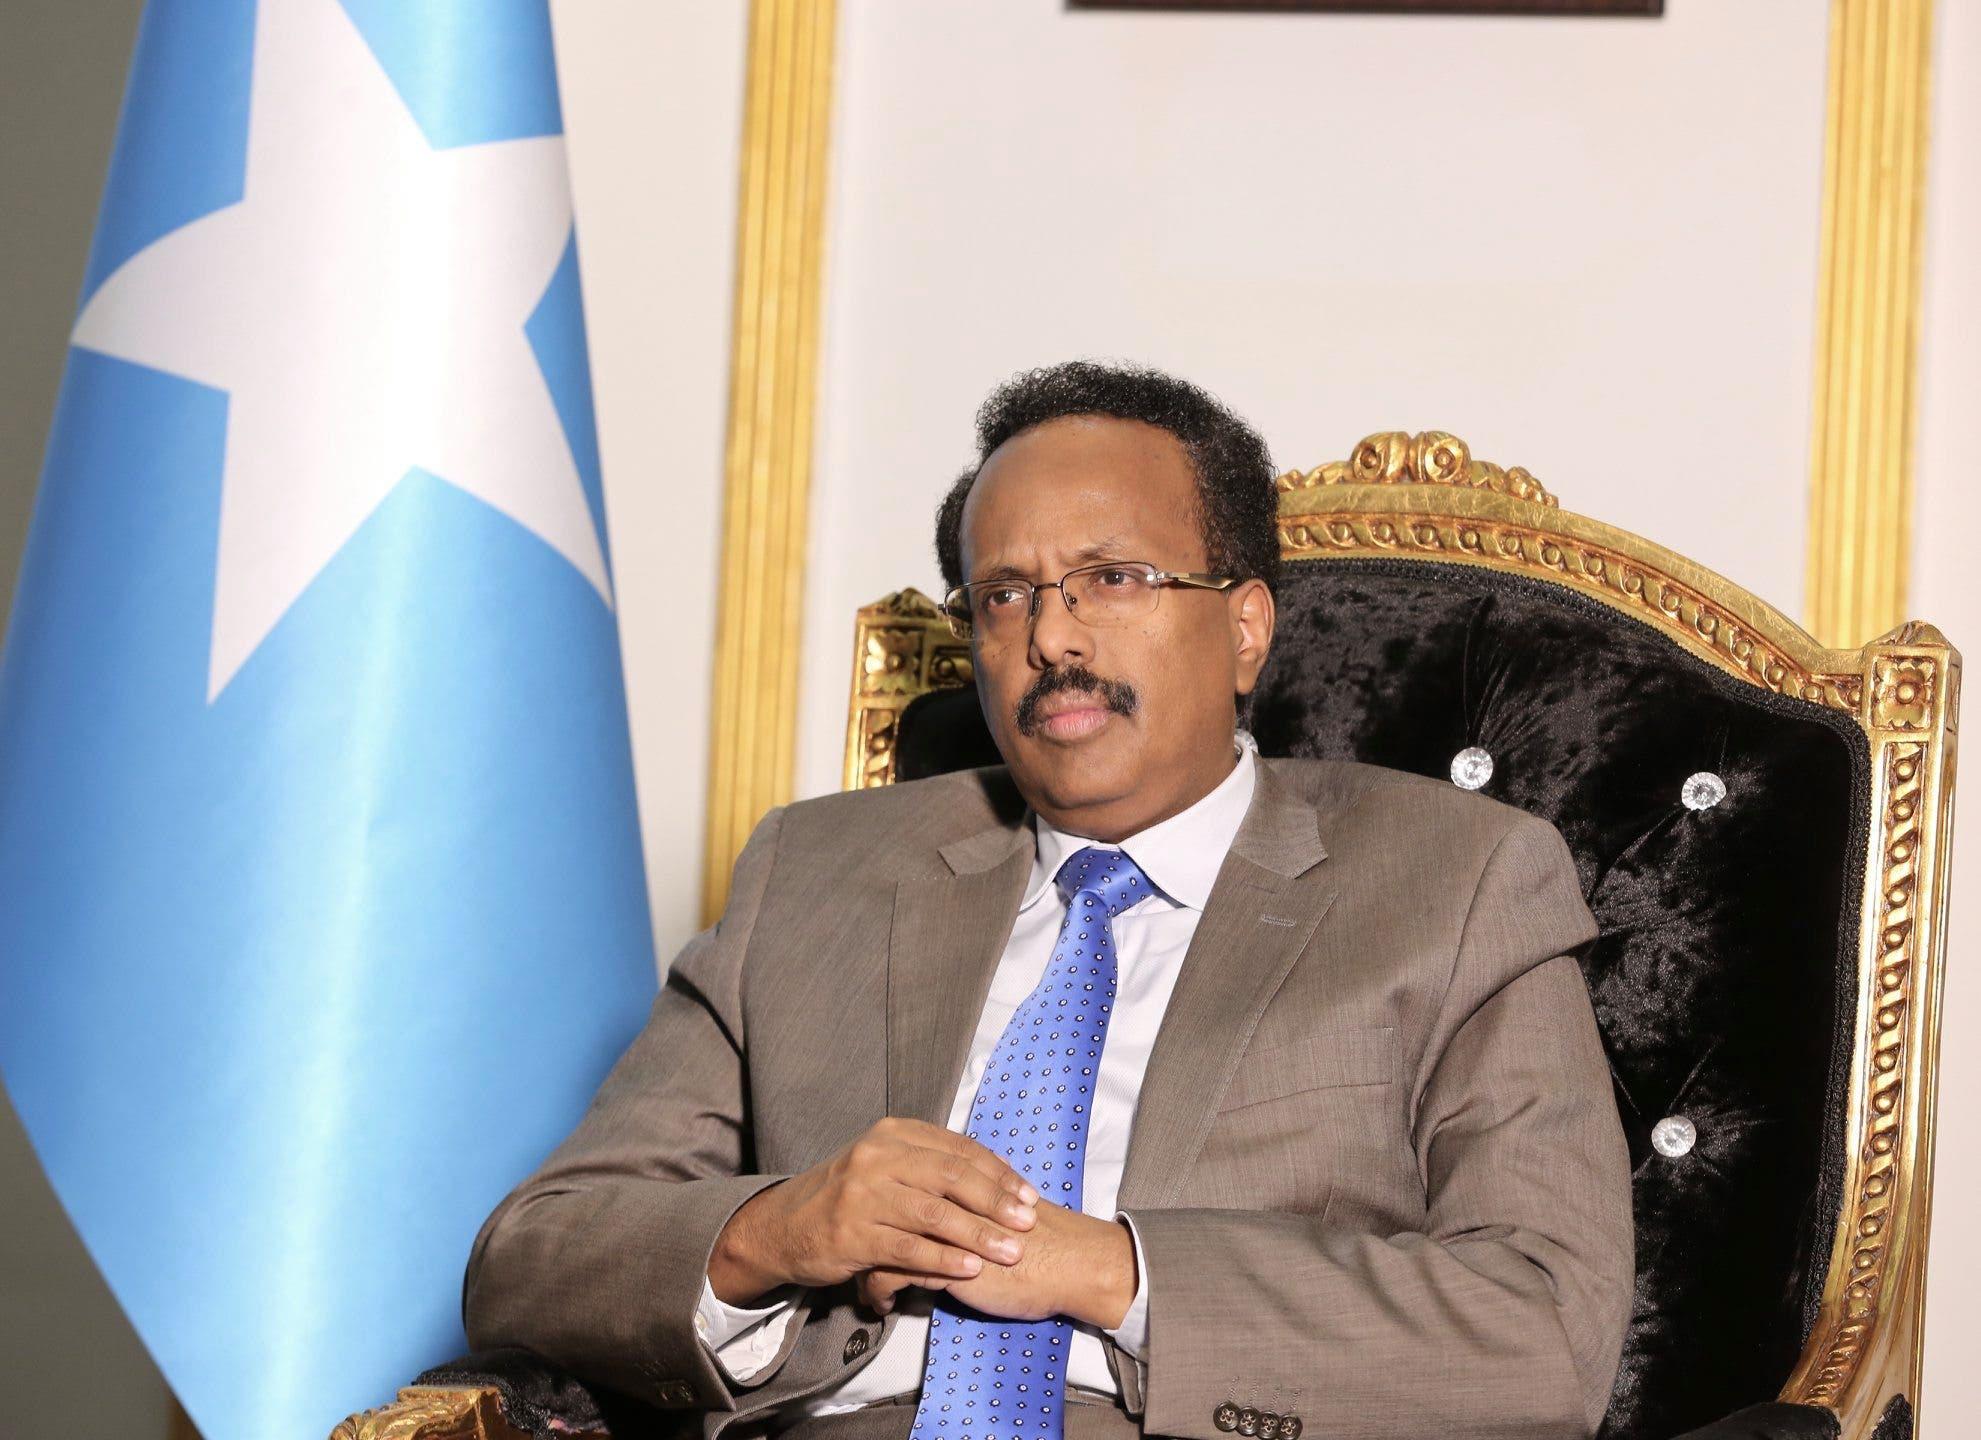 Maxay tahay digniinta uu wasiirkii hore ee A/Gudaha u diray VILLA SOMALIA?